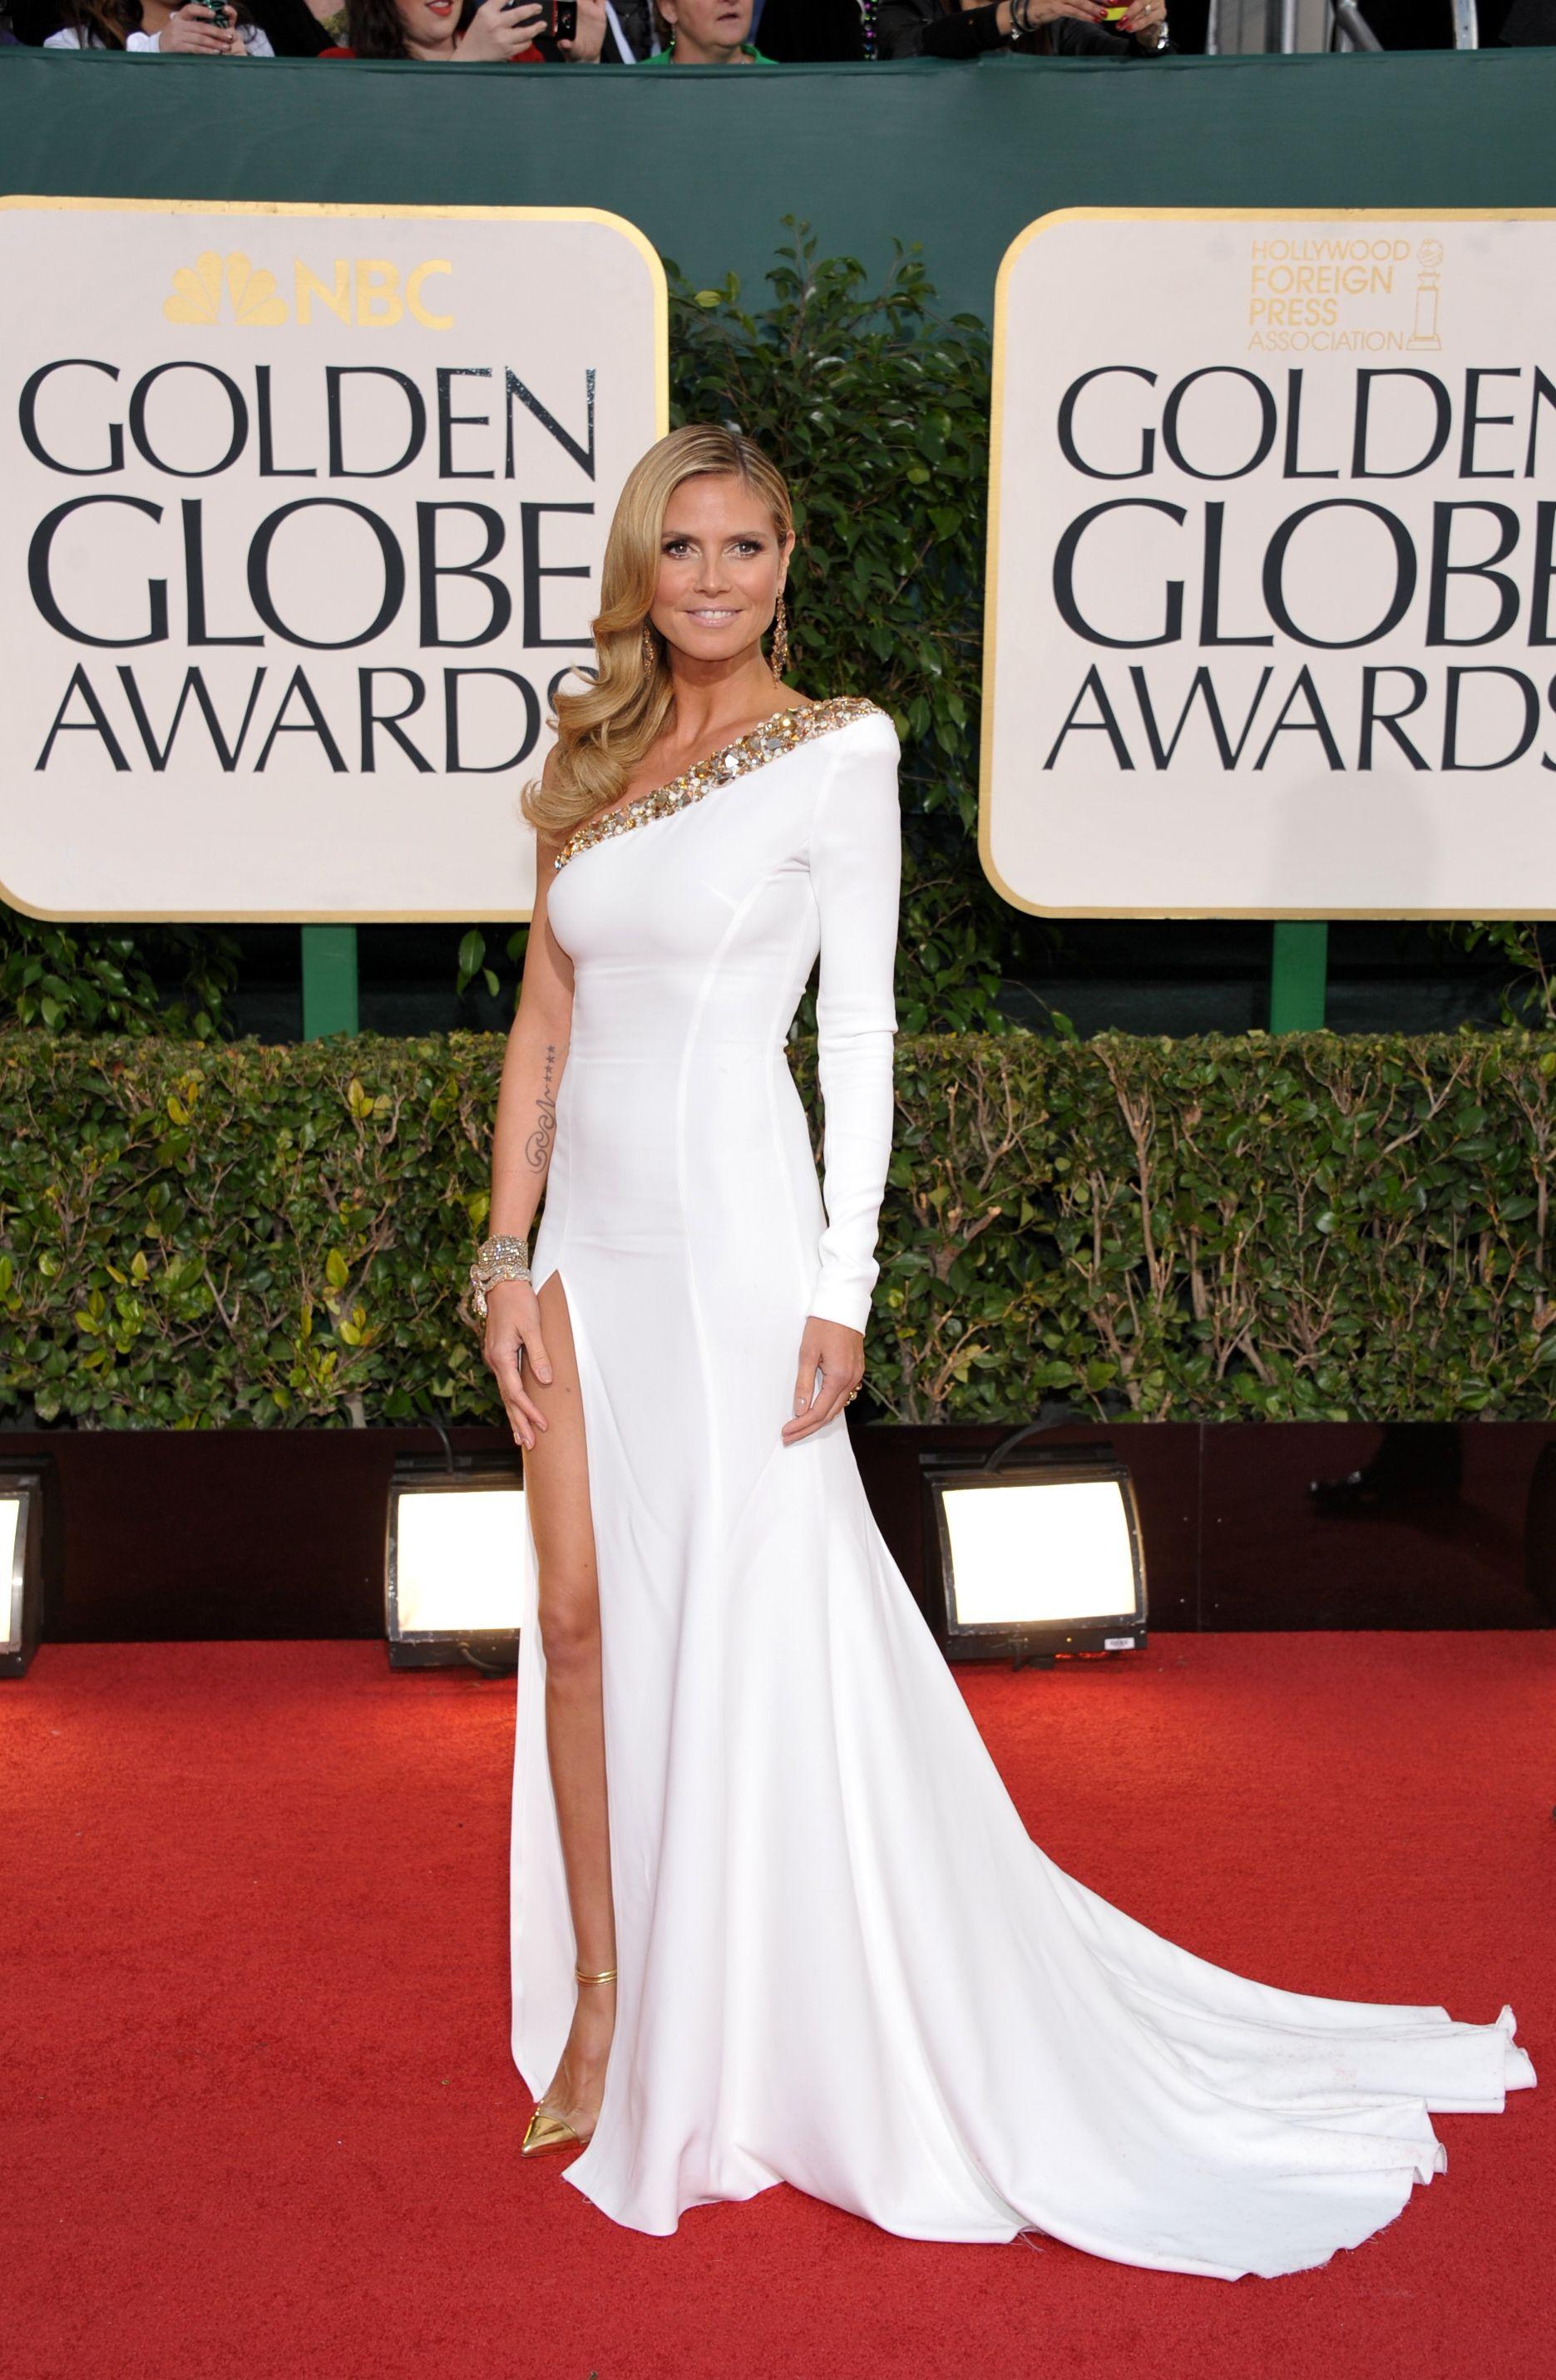 The Golden Globe Awards 2013